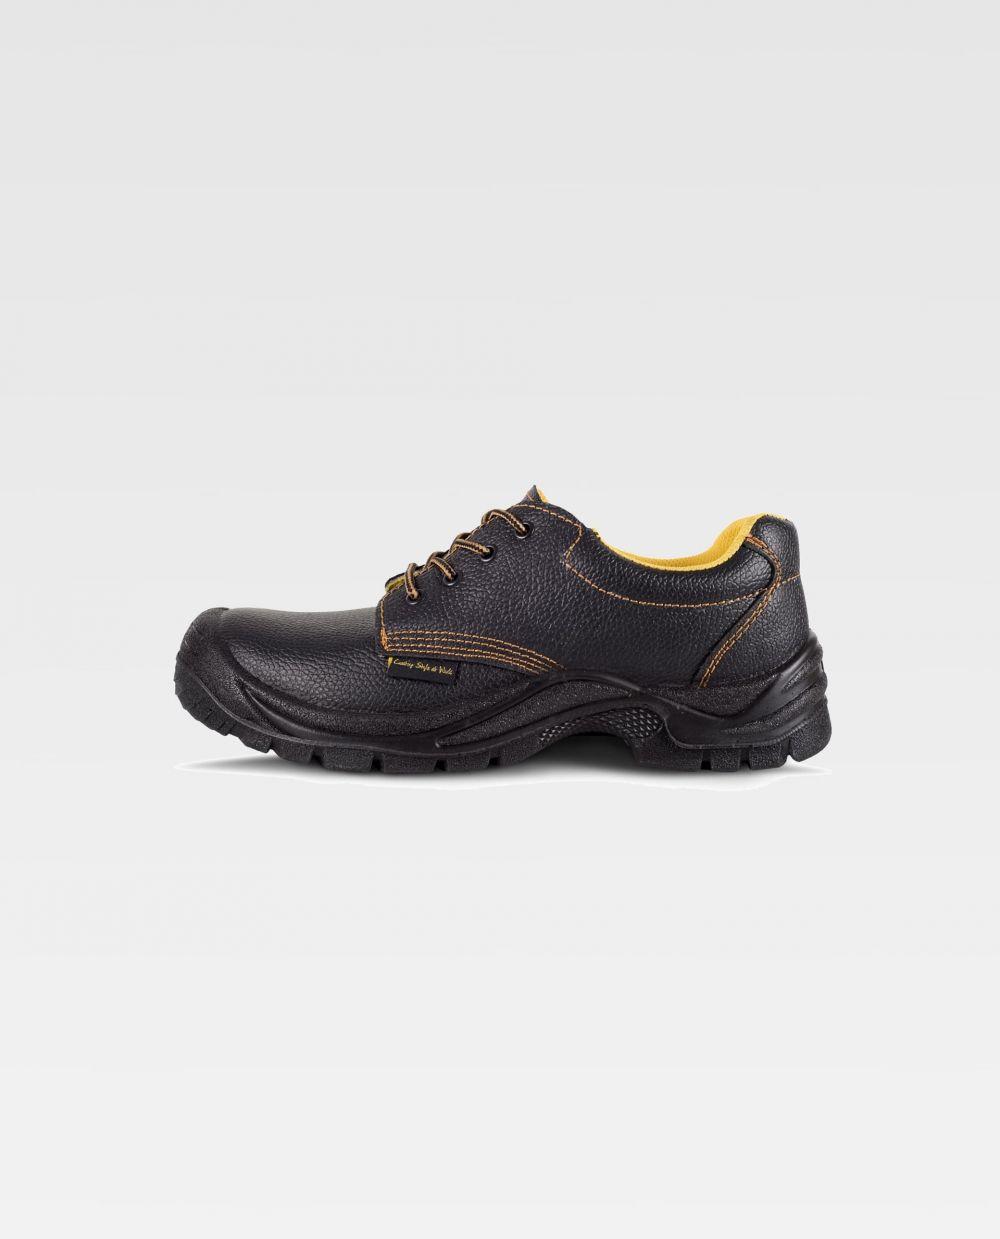 Zapatos de trabajo workteam zapato p1401 de piel vista 1